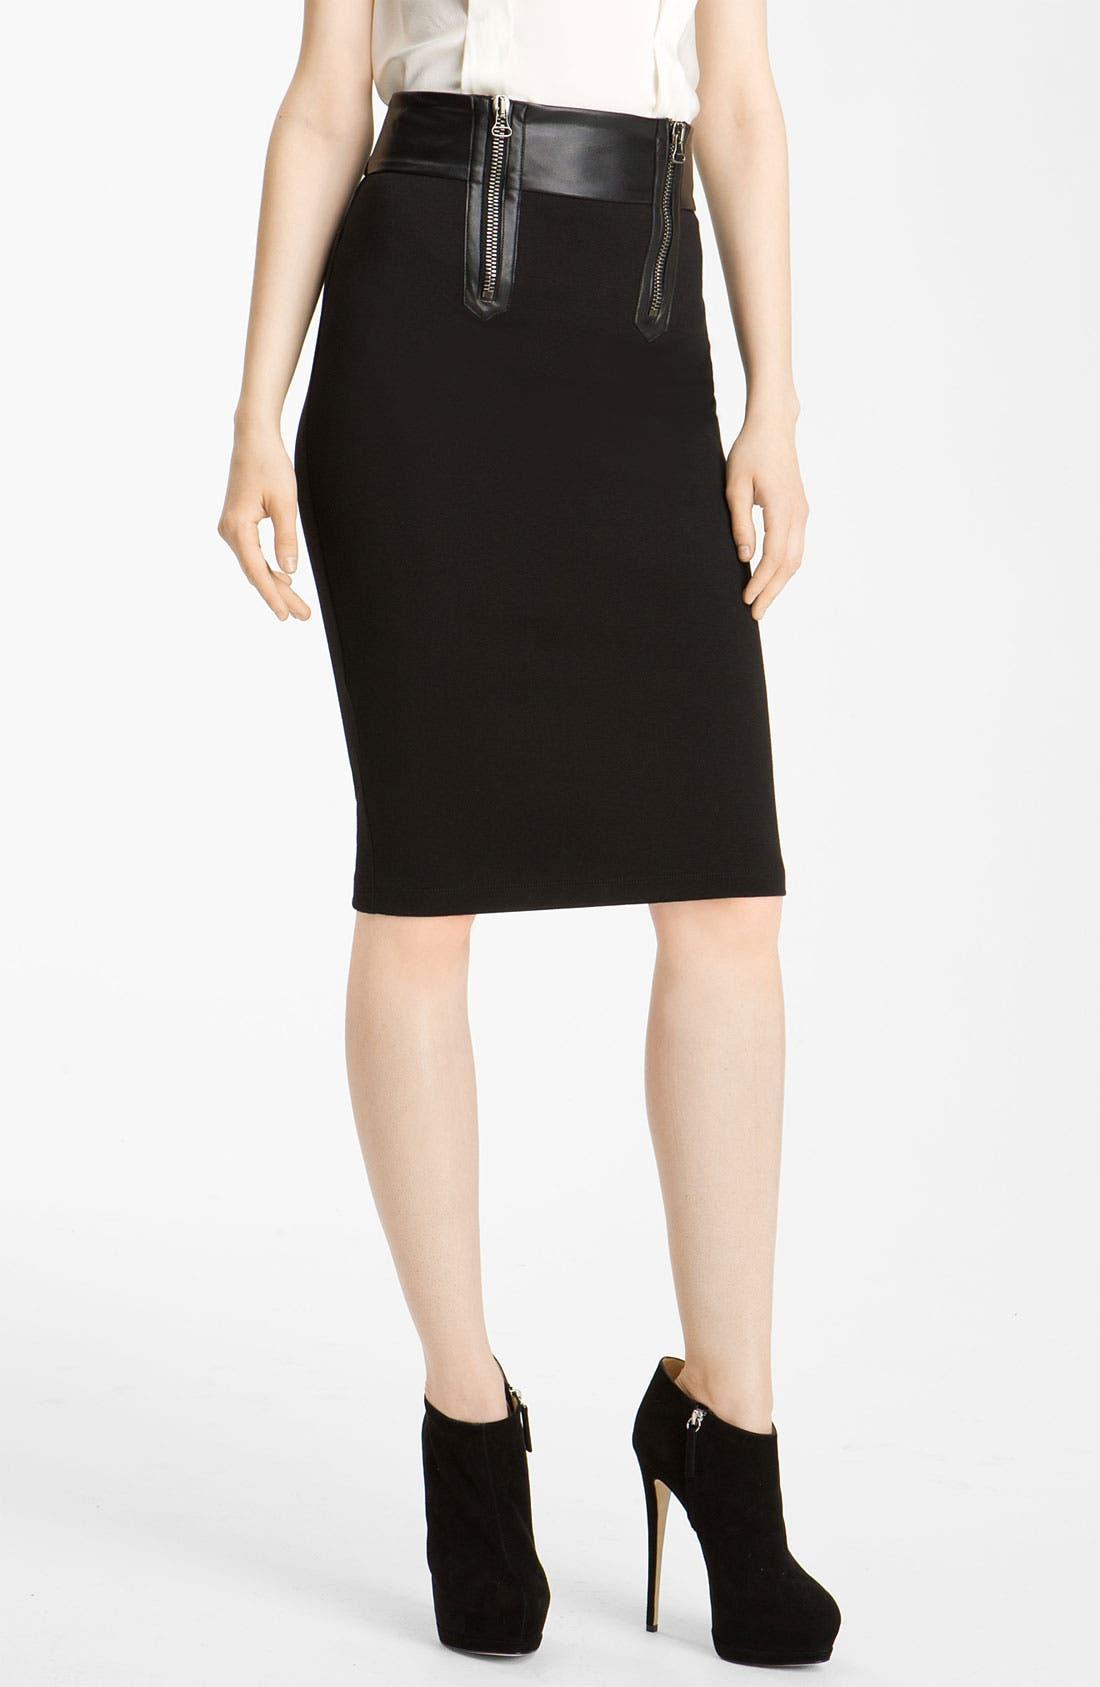 Alternate Image 1 Selected - Pierre Balmain Slim Pencil Skirt